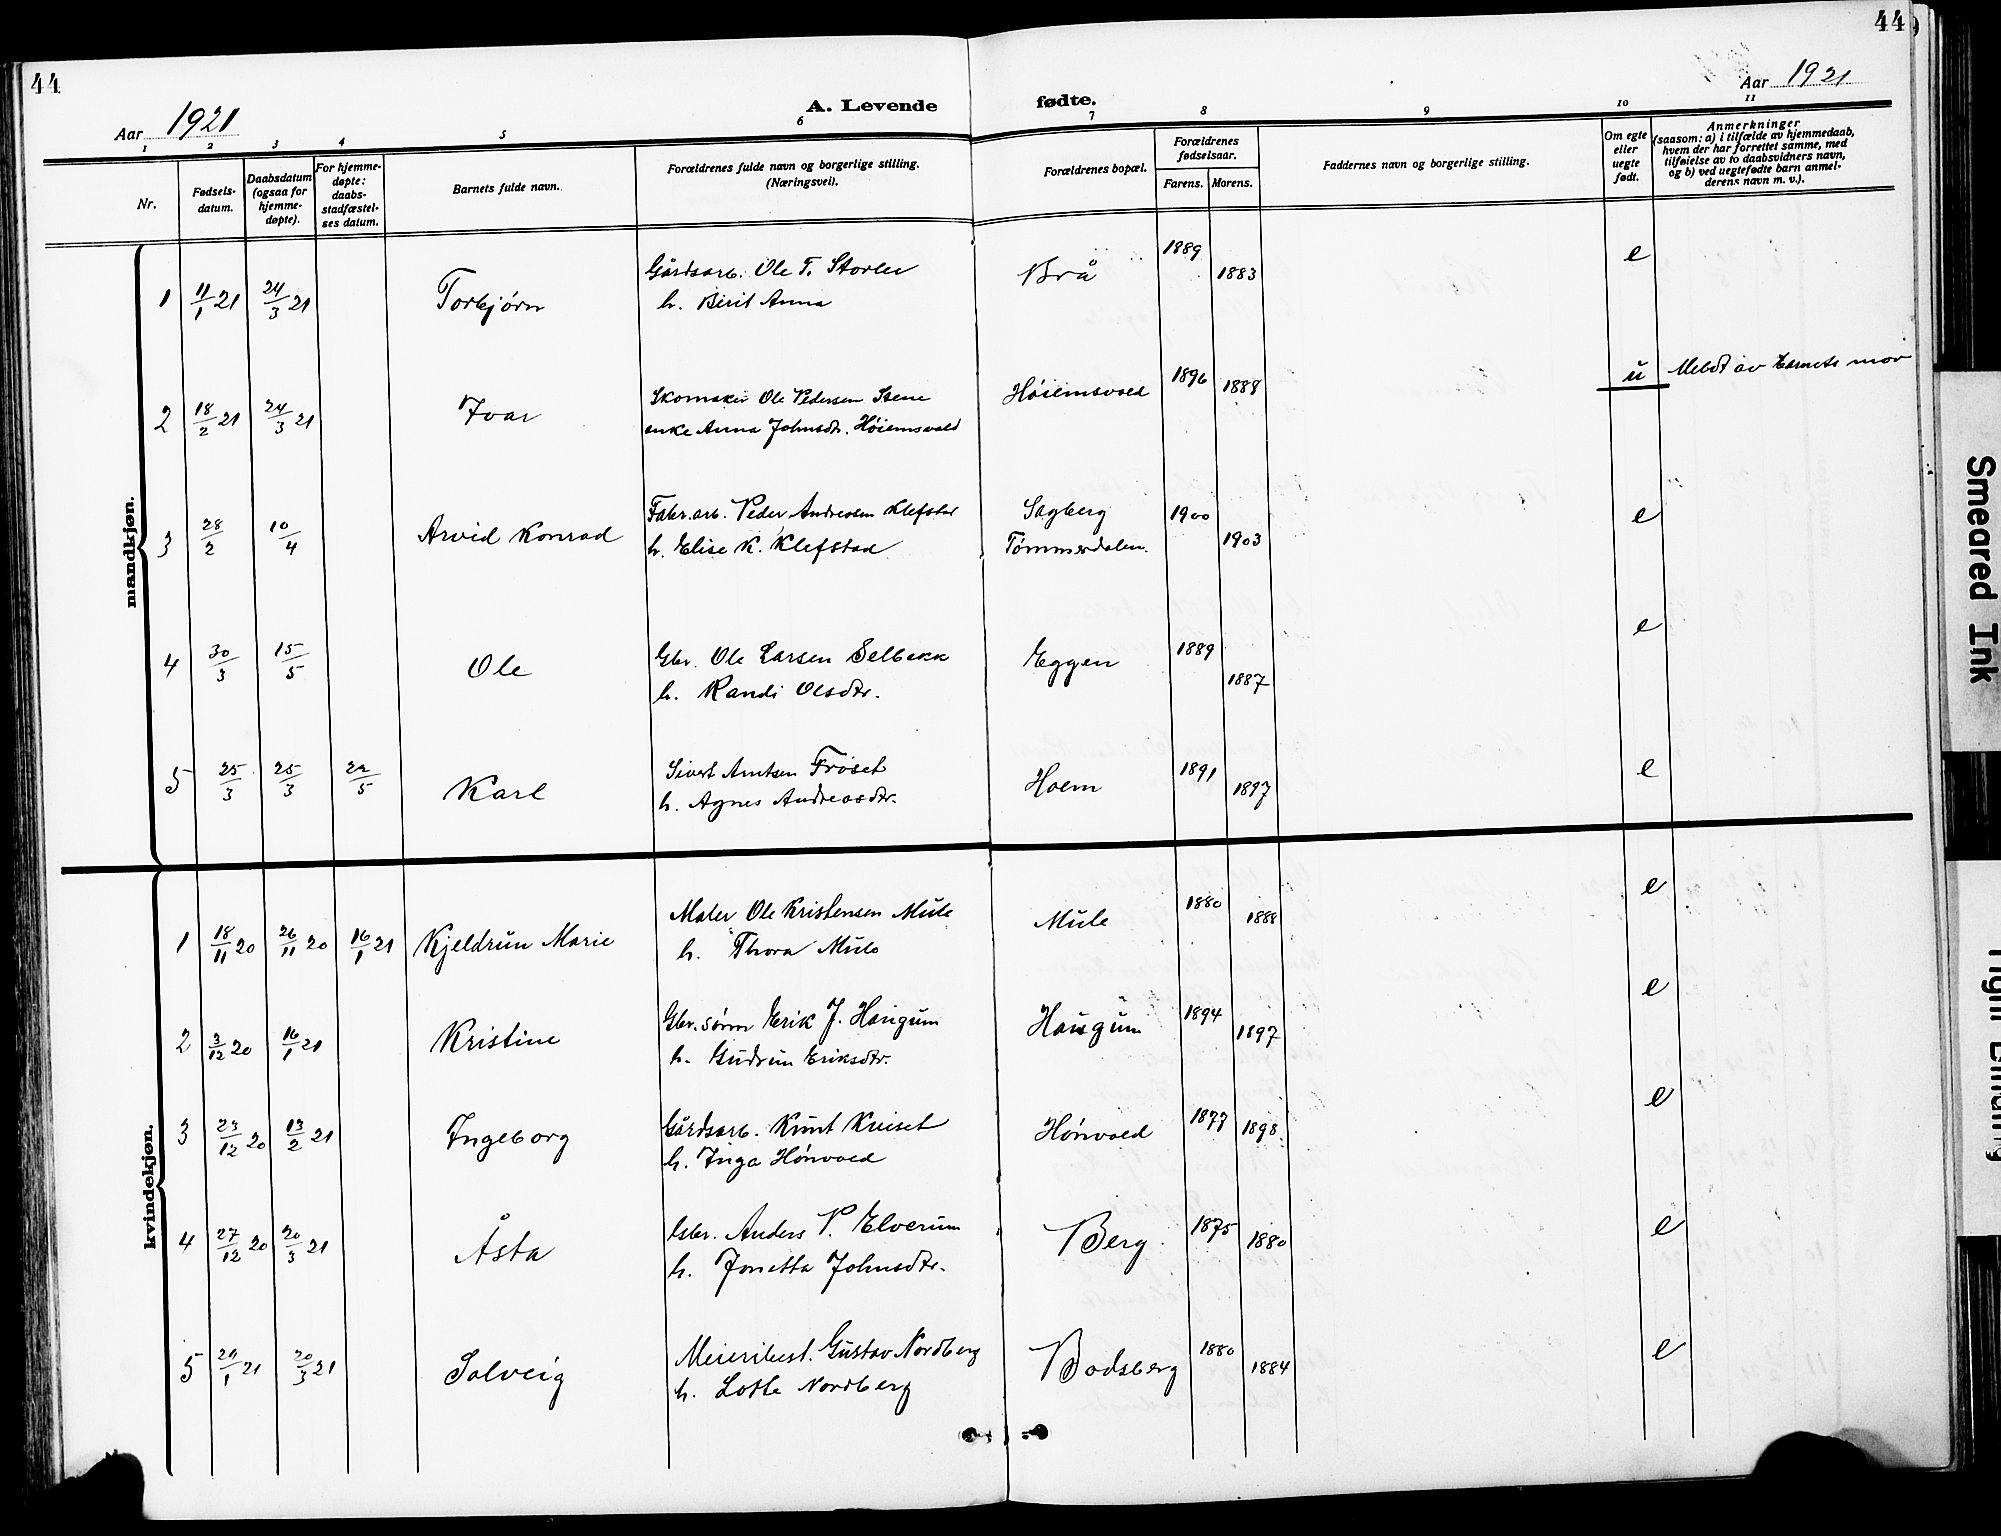 SAT, Ministerialprotokoller, klokkerbøker og fødselsregistre - Sør-Trøndelag, 612/L0388: Klokkerbok nr. 612C04, 1909-1929, s. 44